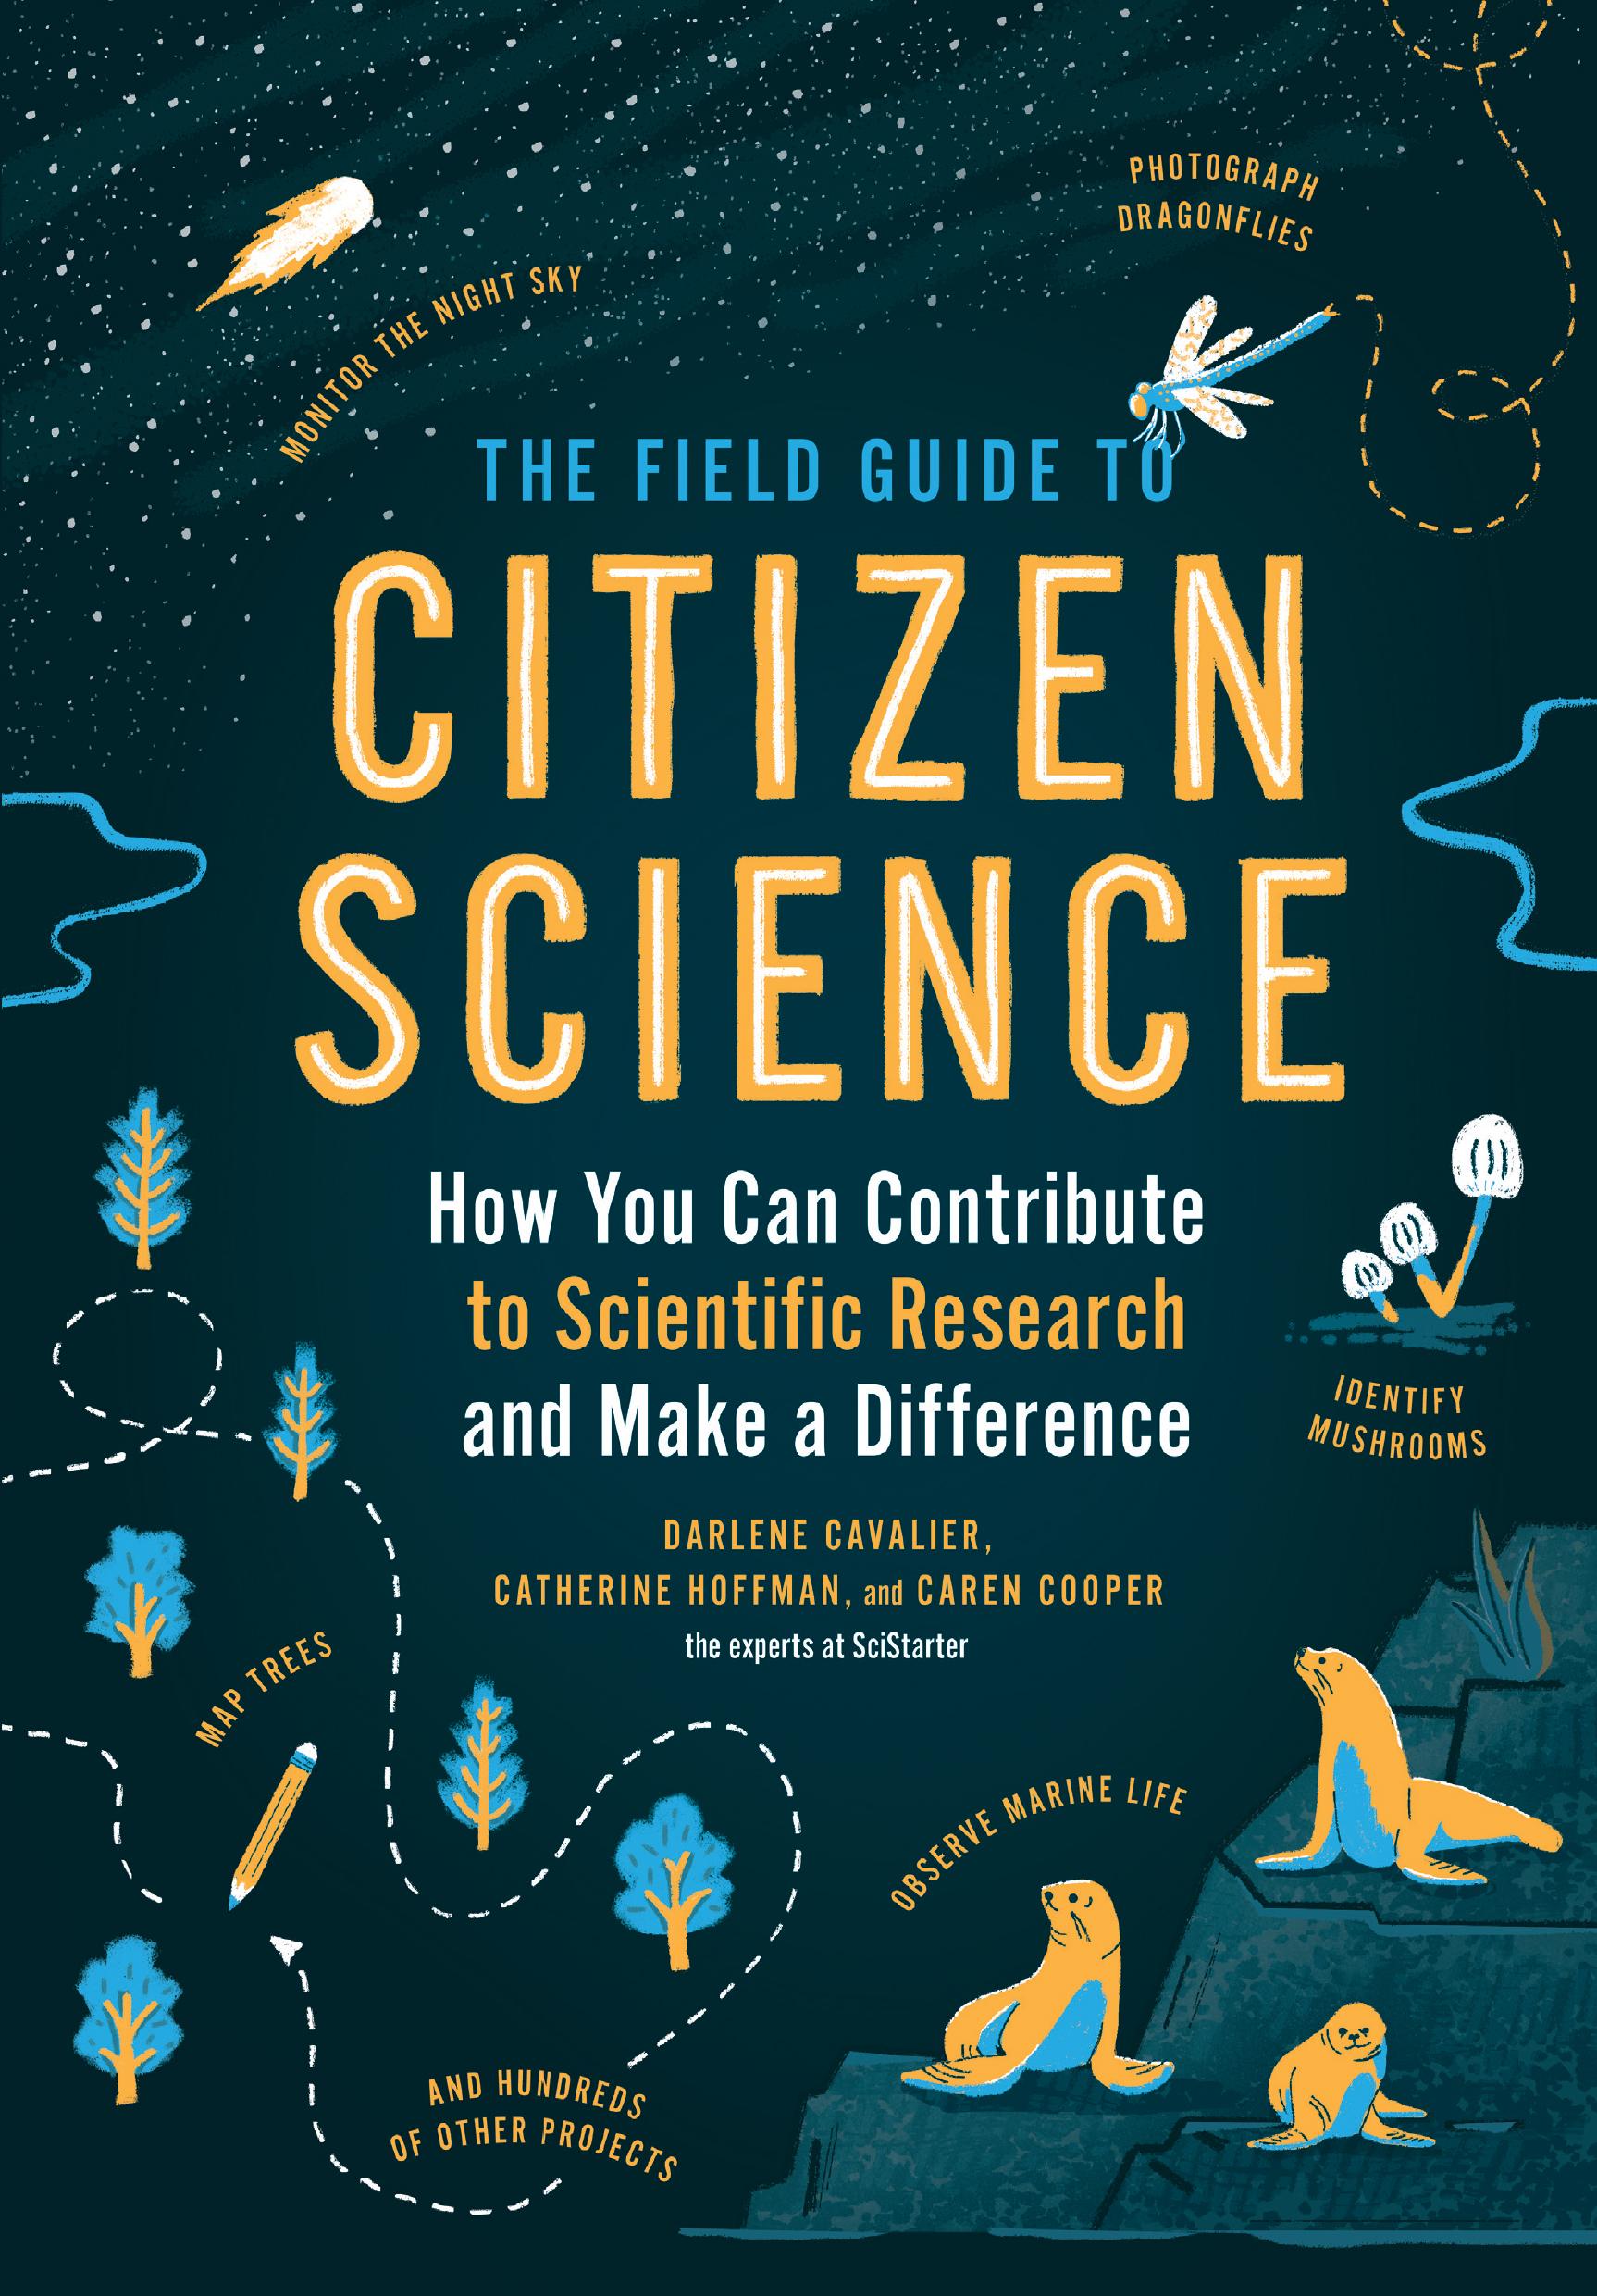 Portada del libro para la guía de campo de la ciencia ciudadana